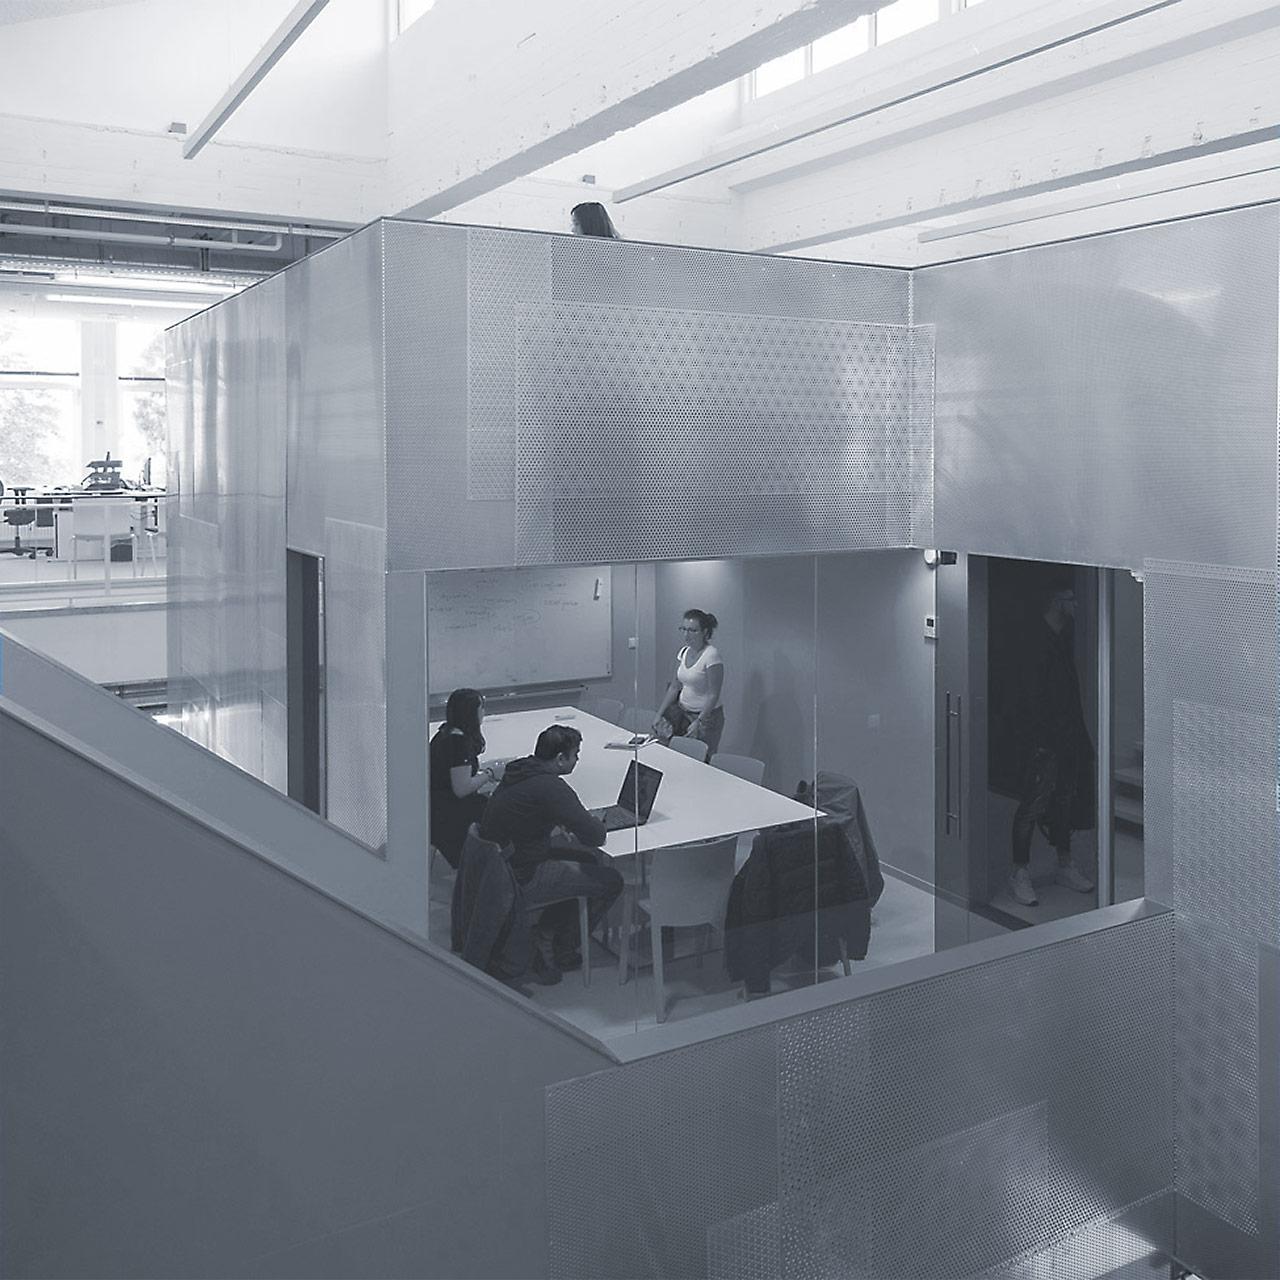 Stichting IPAL Integratie Parkmanagement en Arbeidstoeleiding Limburg gebouw en gebiedsmanagement